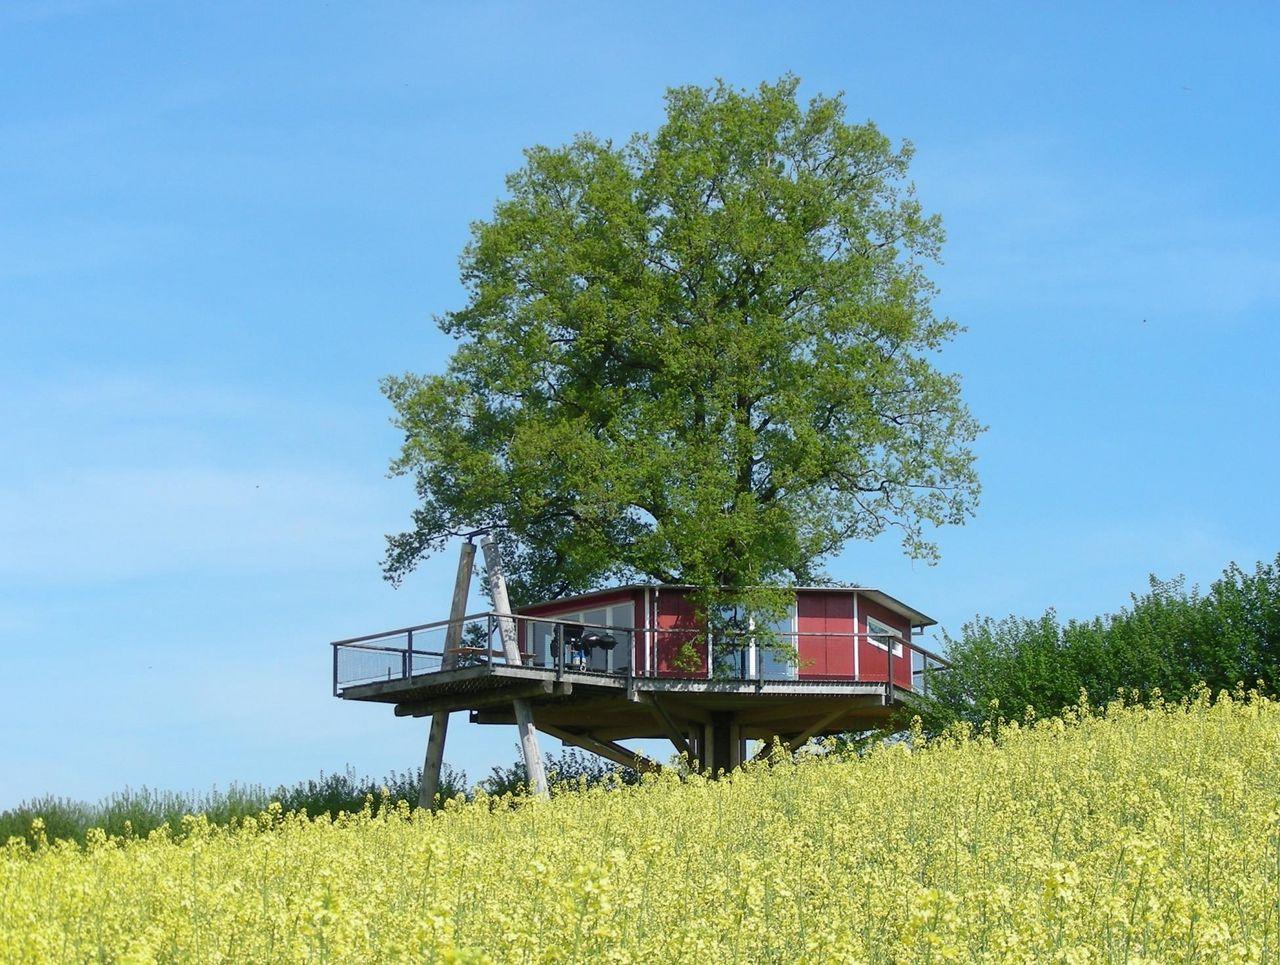 Tree House and Ark Farm